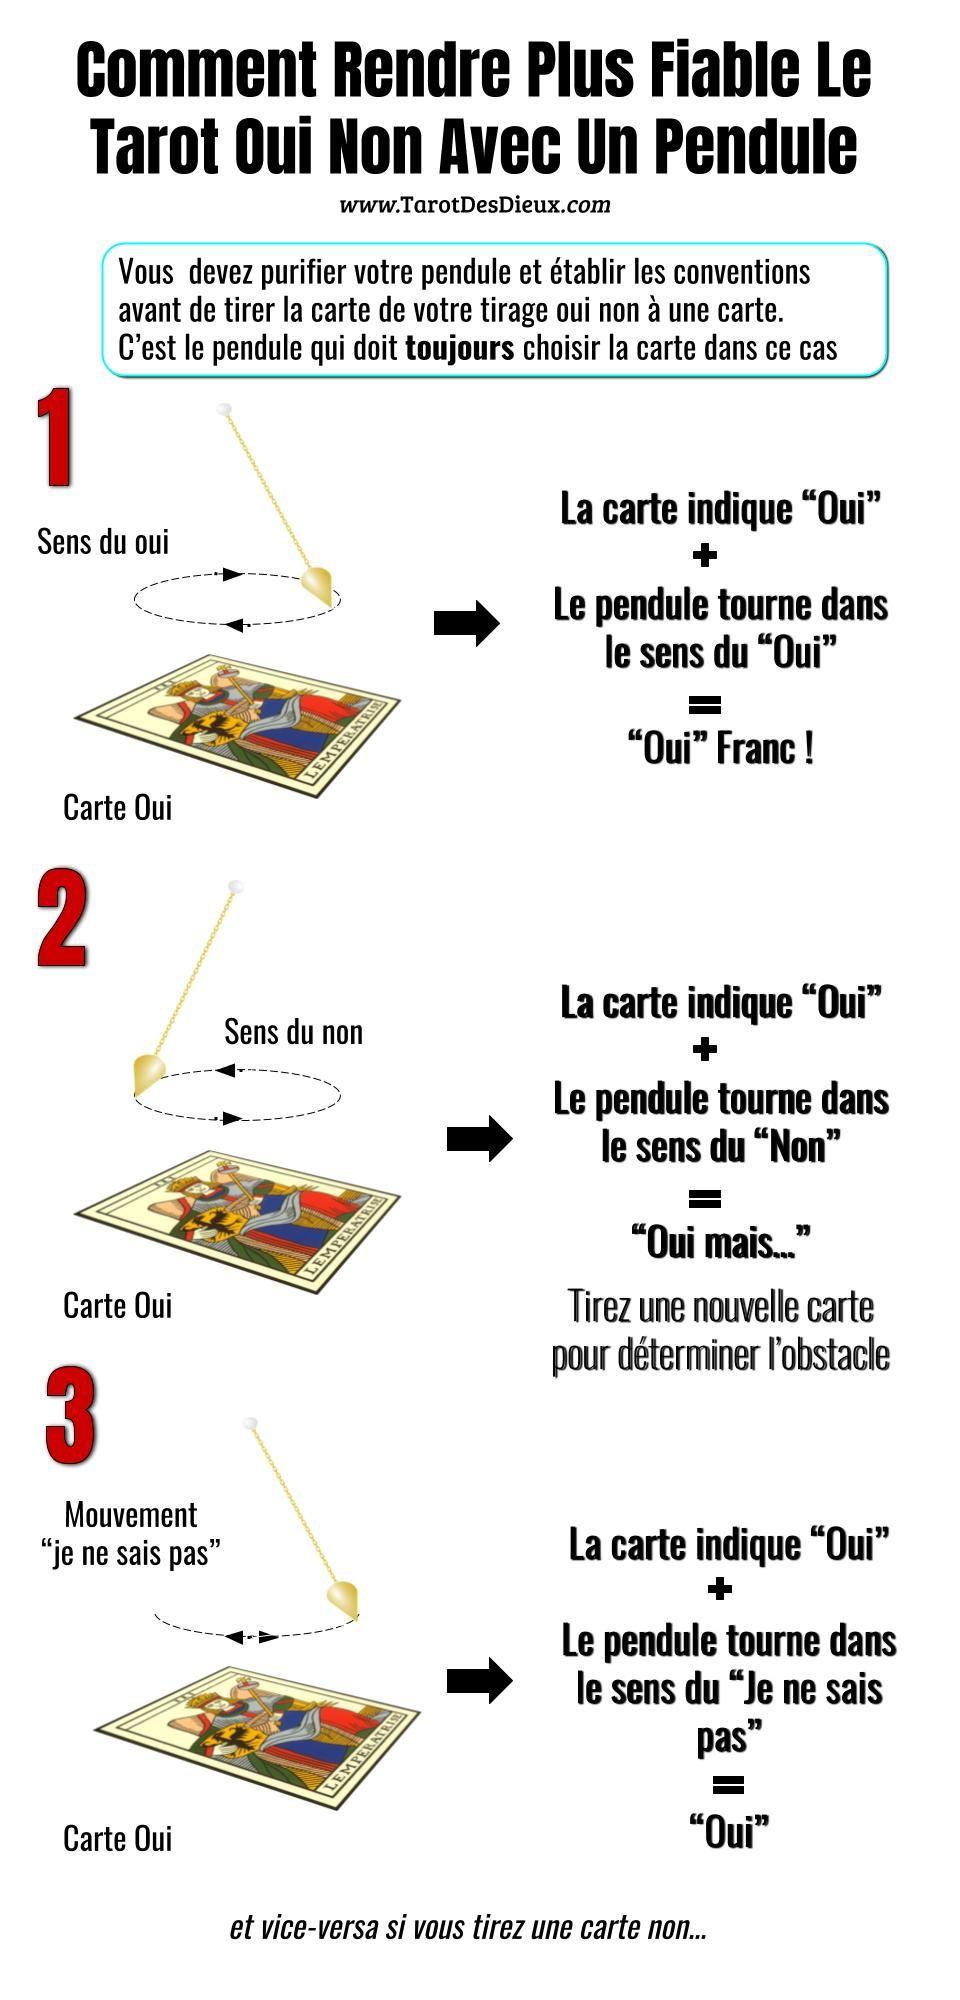 Comment Rendre Plus Fiable Le Tarot Oui Non Avec Un Pendule Tarot Oui Non Tarot Pendule